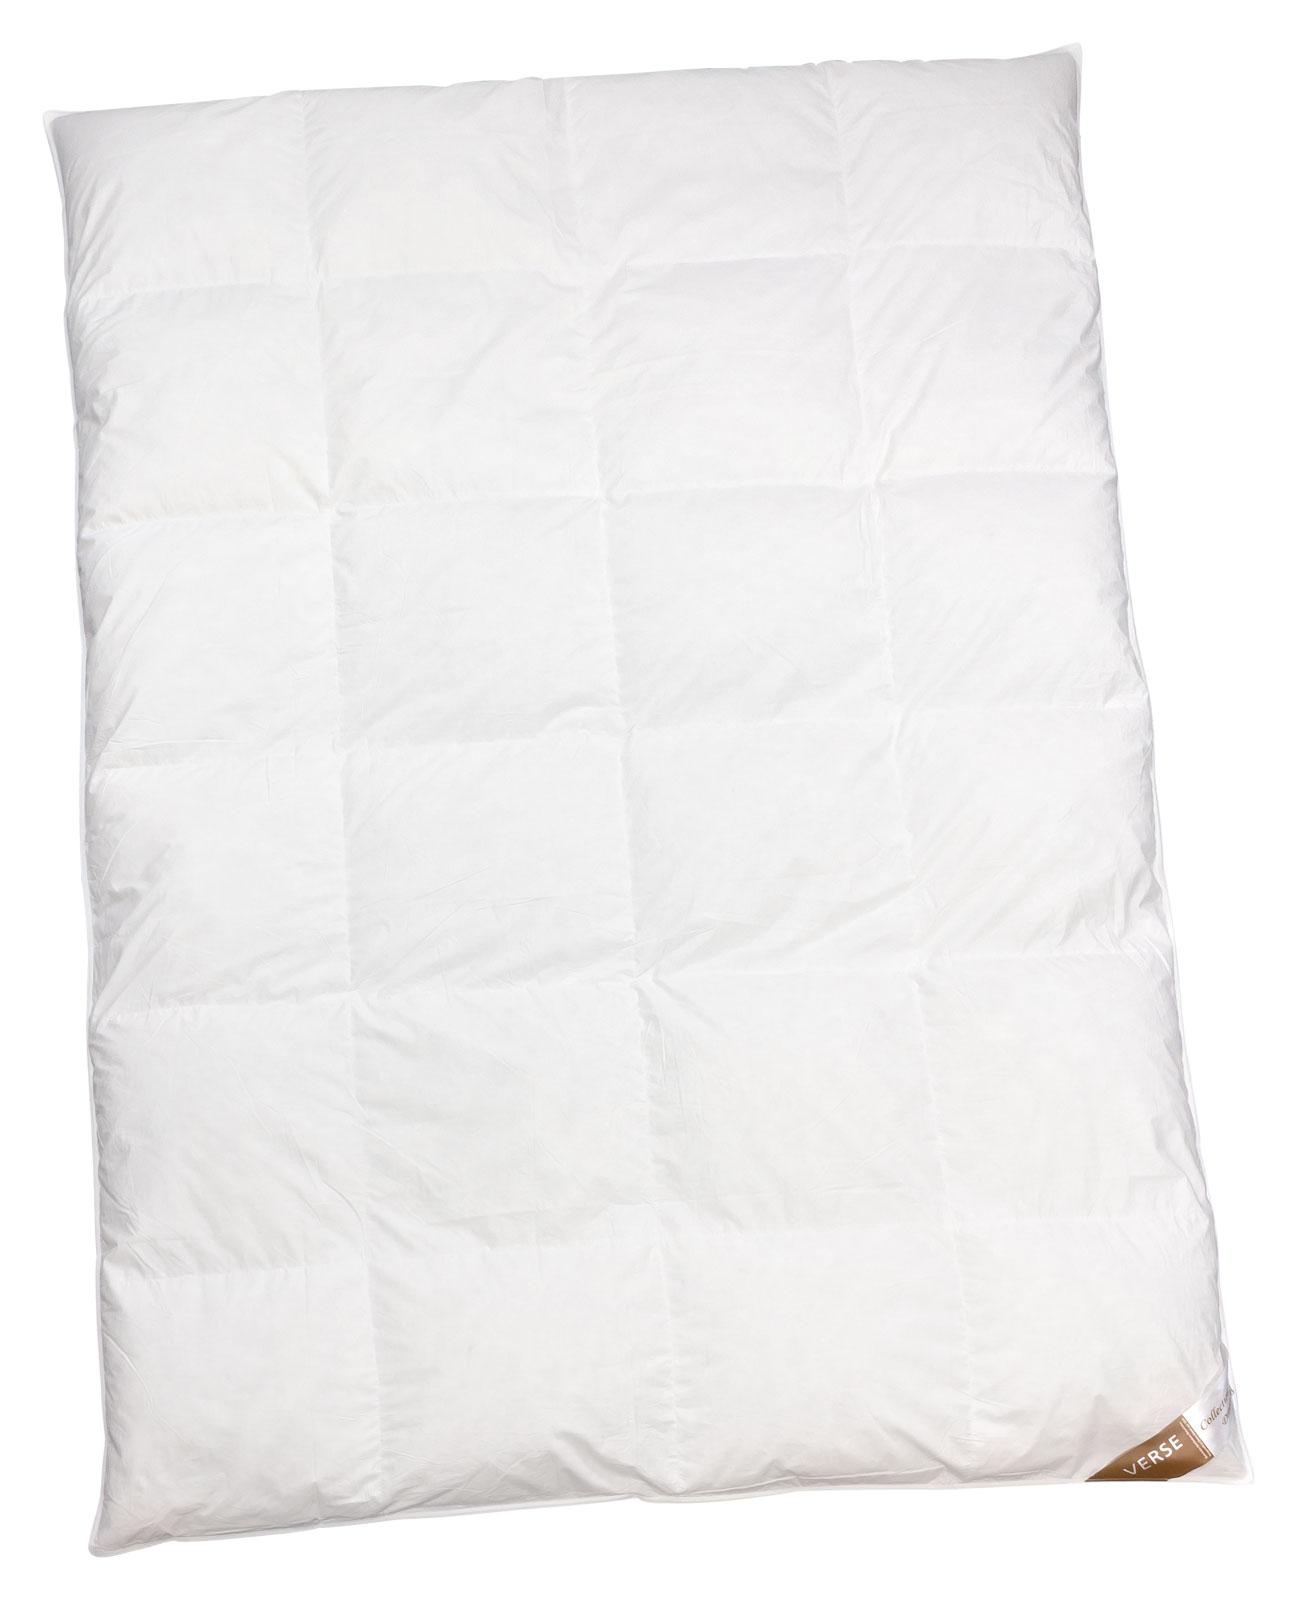 Bettdecken und Kopfkissen - Ganzjahresdecke leicht Daunen Bettdecke 155x220 Verse Collection Dreaming  - Onlineshop PremiumShop321